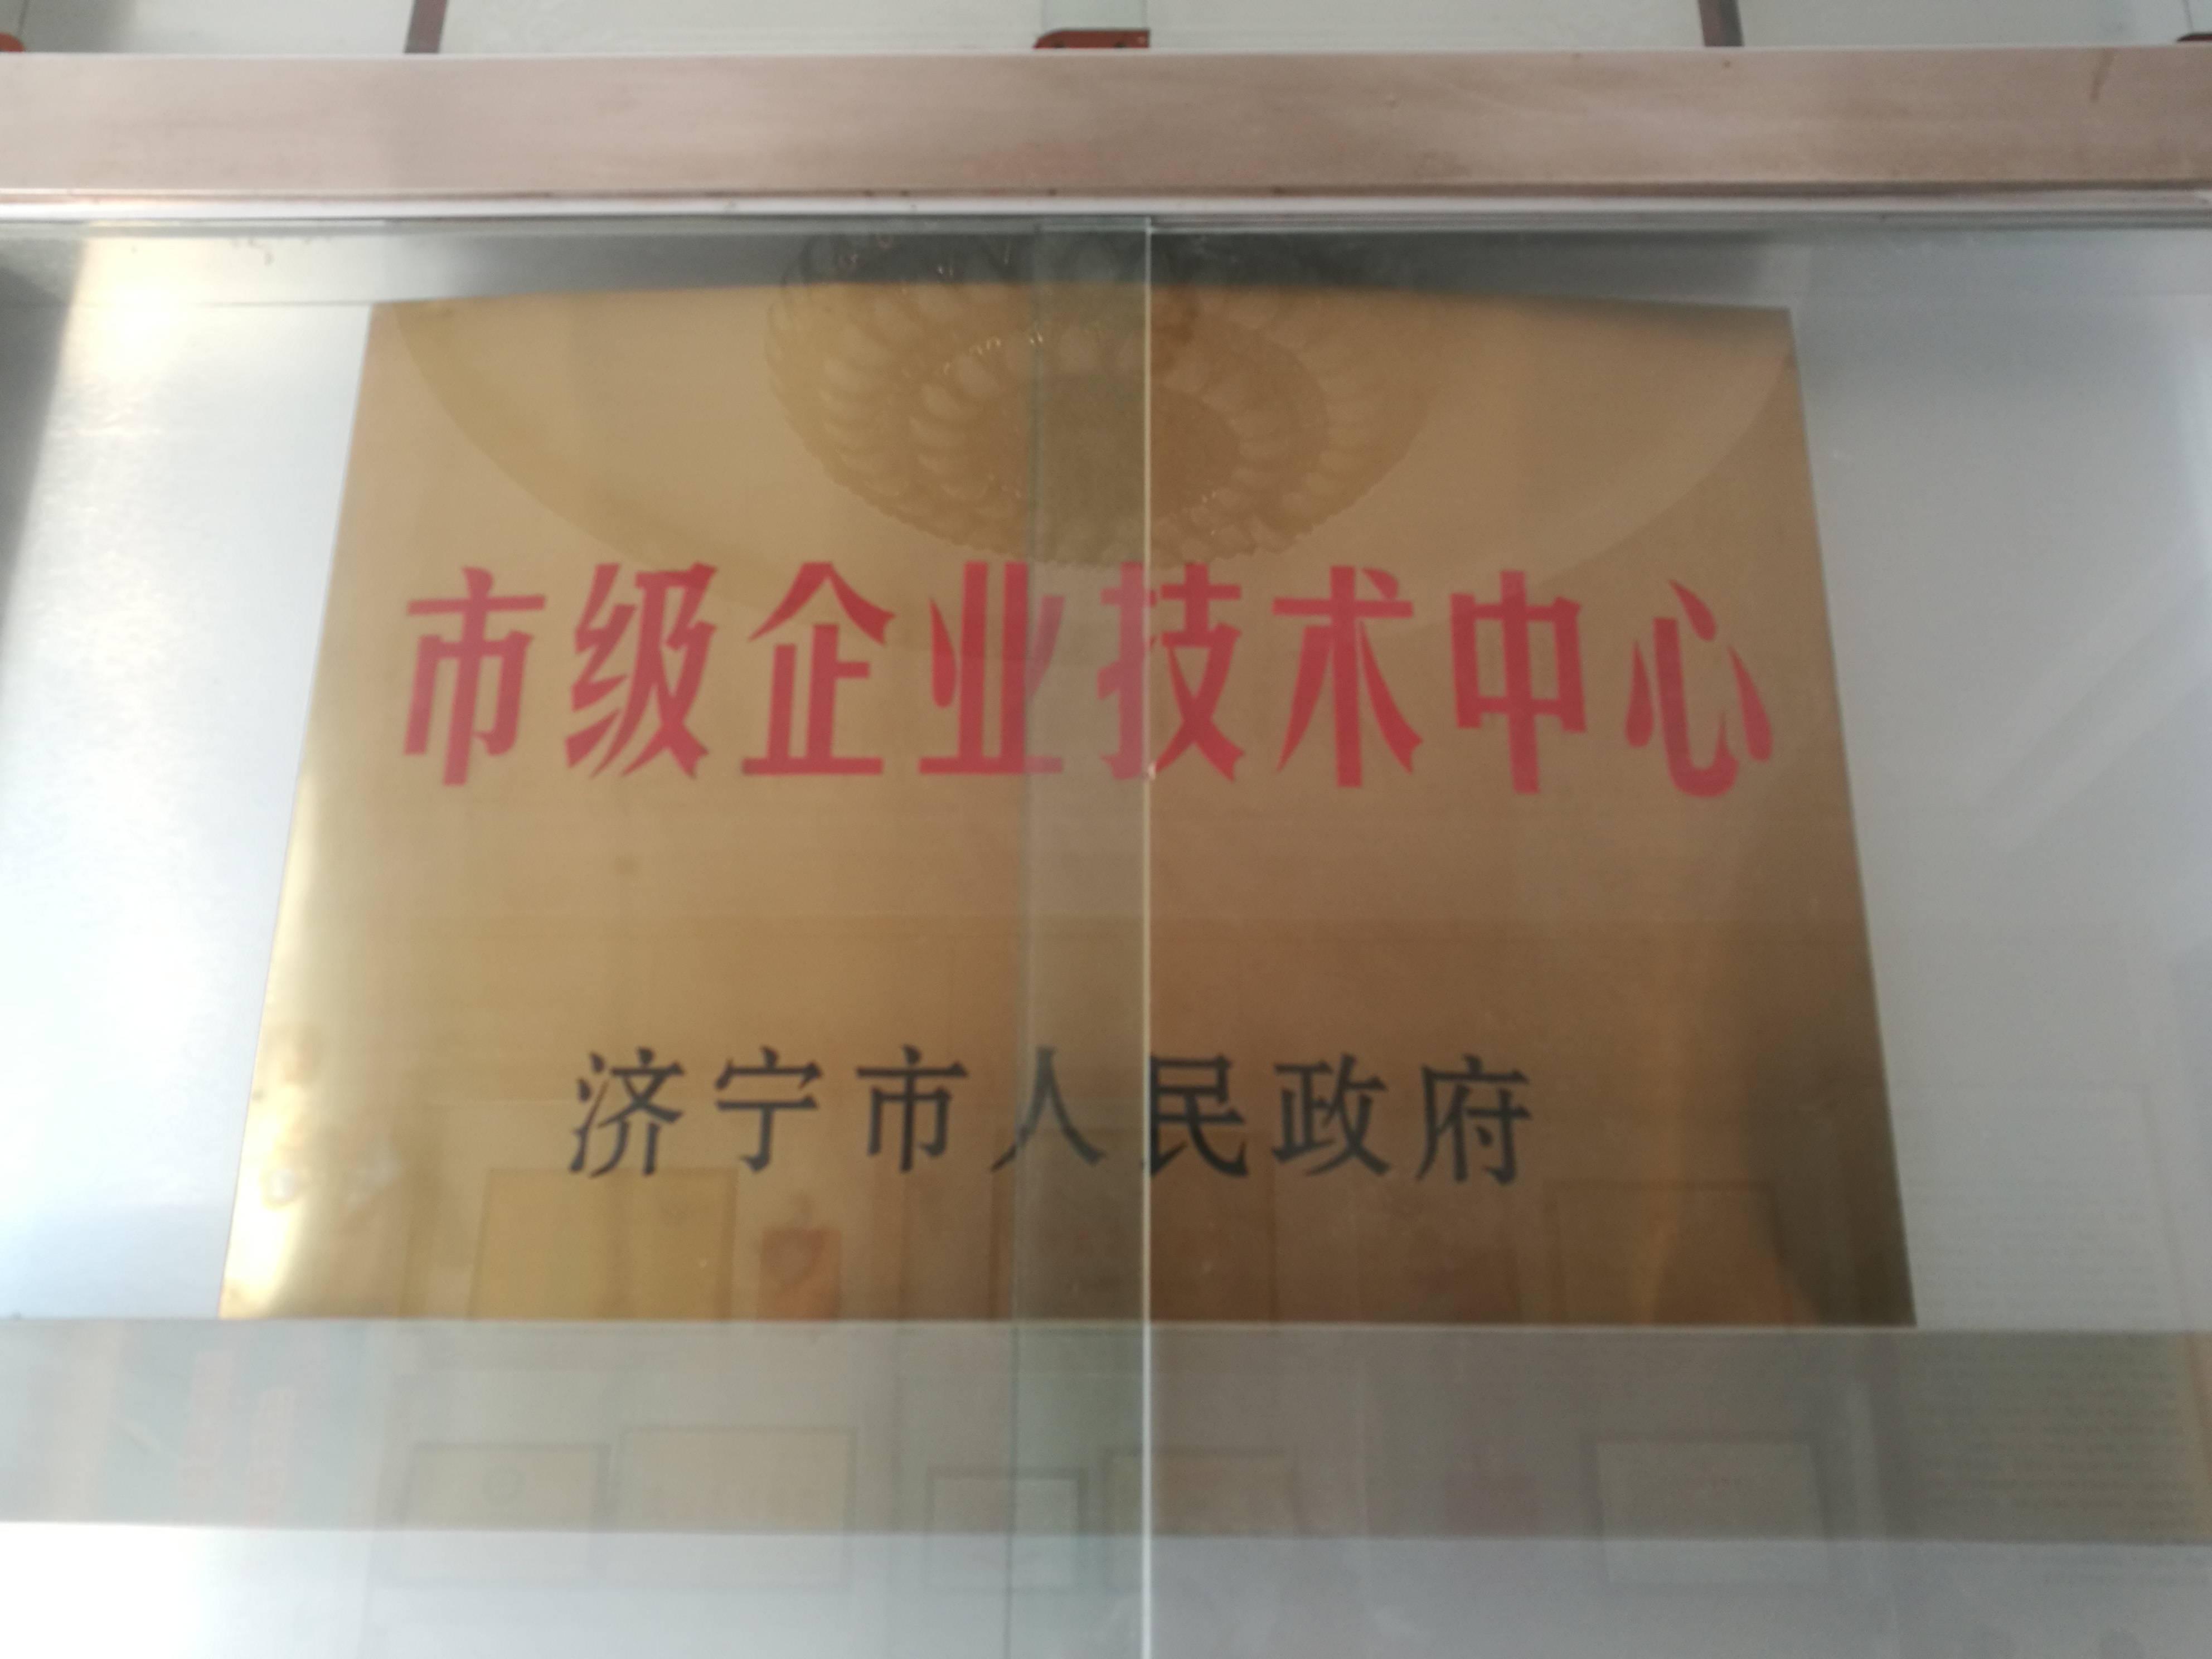 大运河荣获企业技术中心